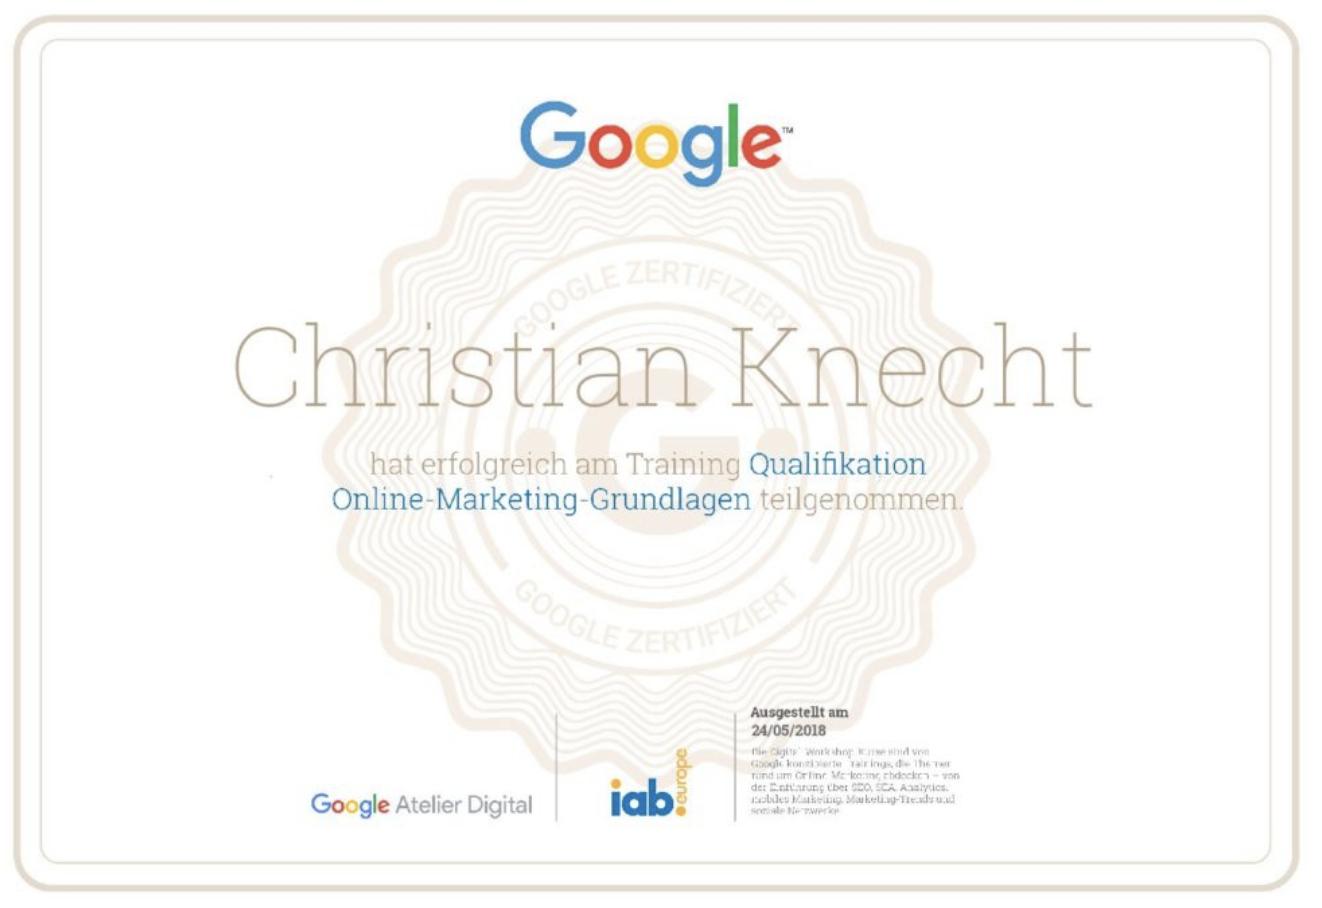 KE4iT mit Google Zertifizierung